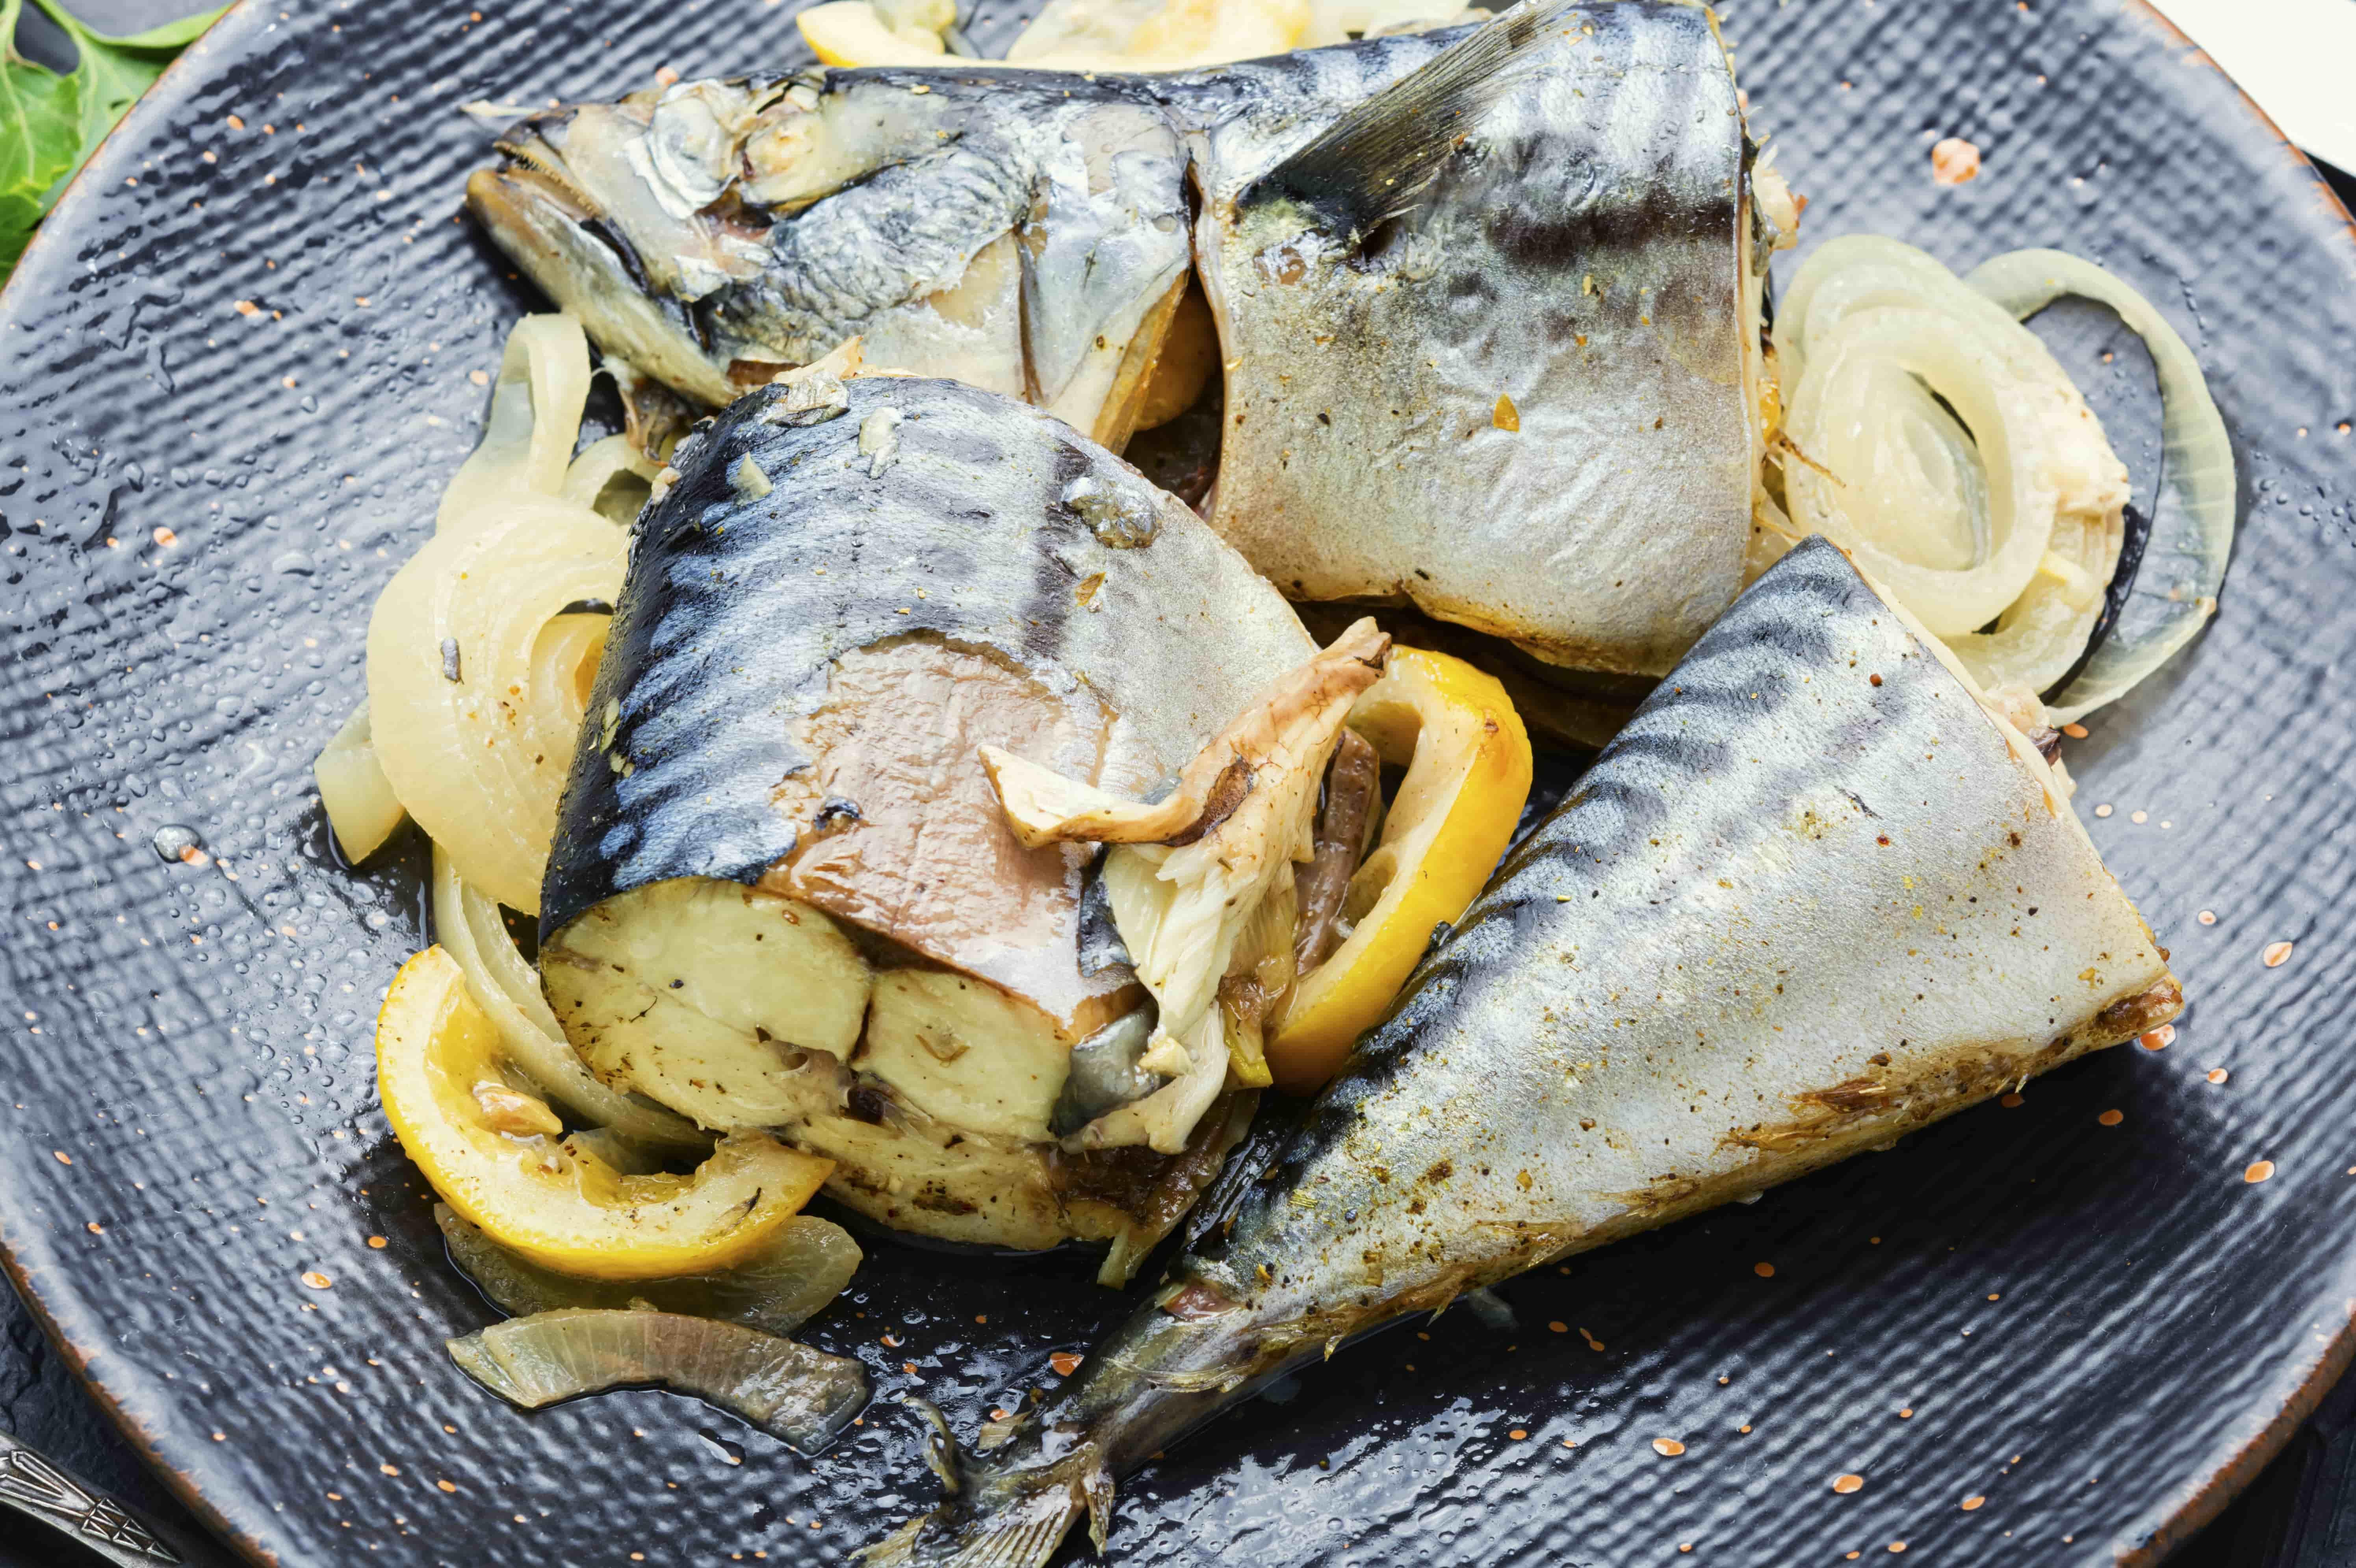 Рыба - чем полезна для человека. Самая полезная рыба. Какие имеются противопоказания